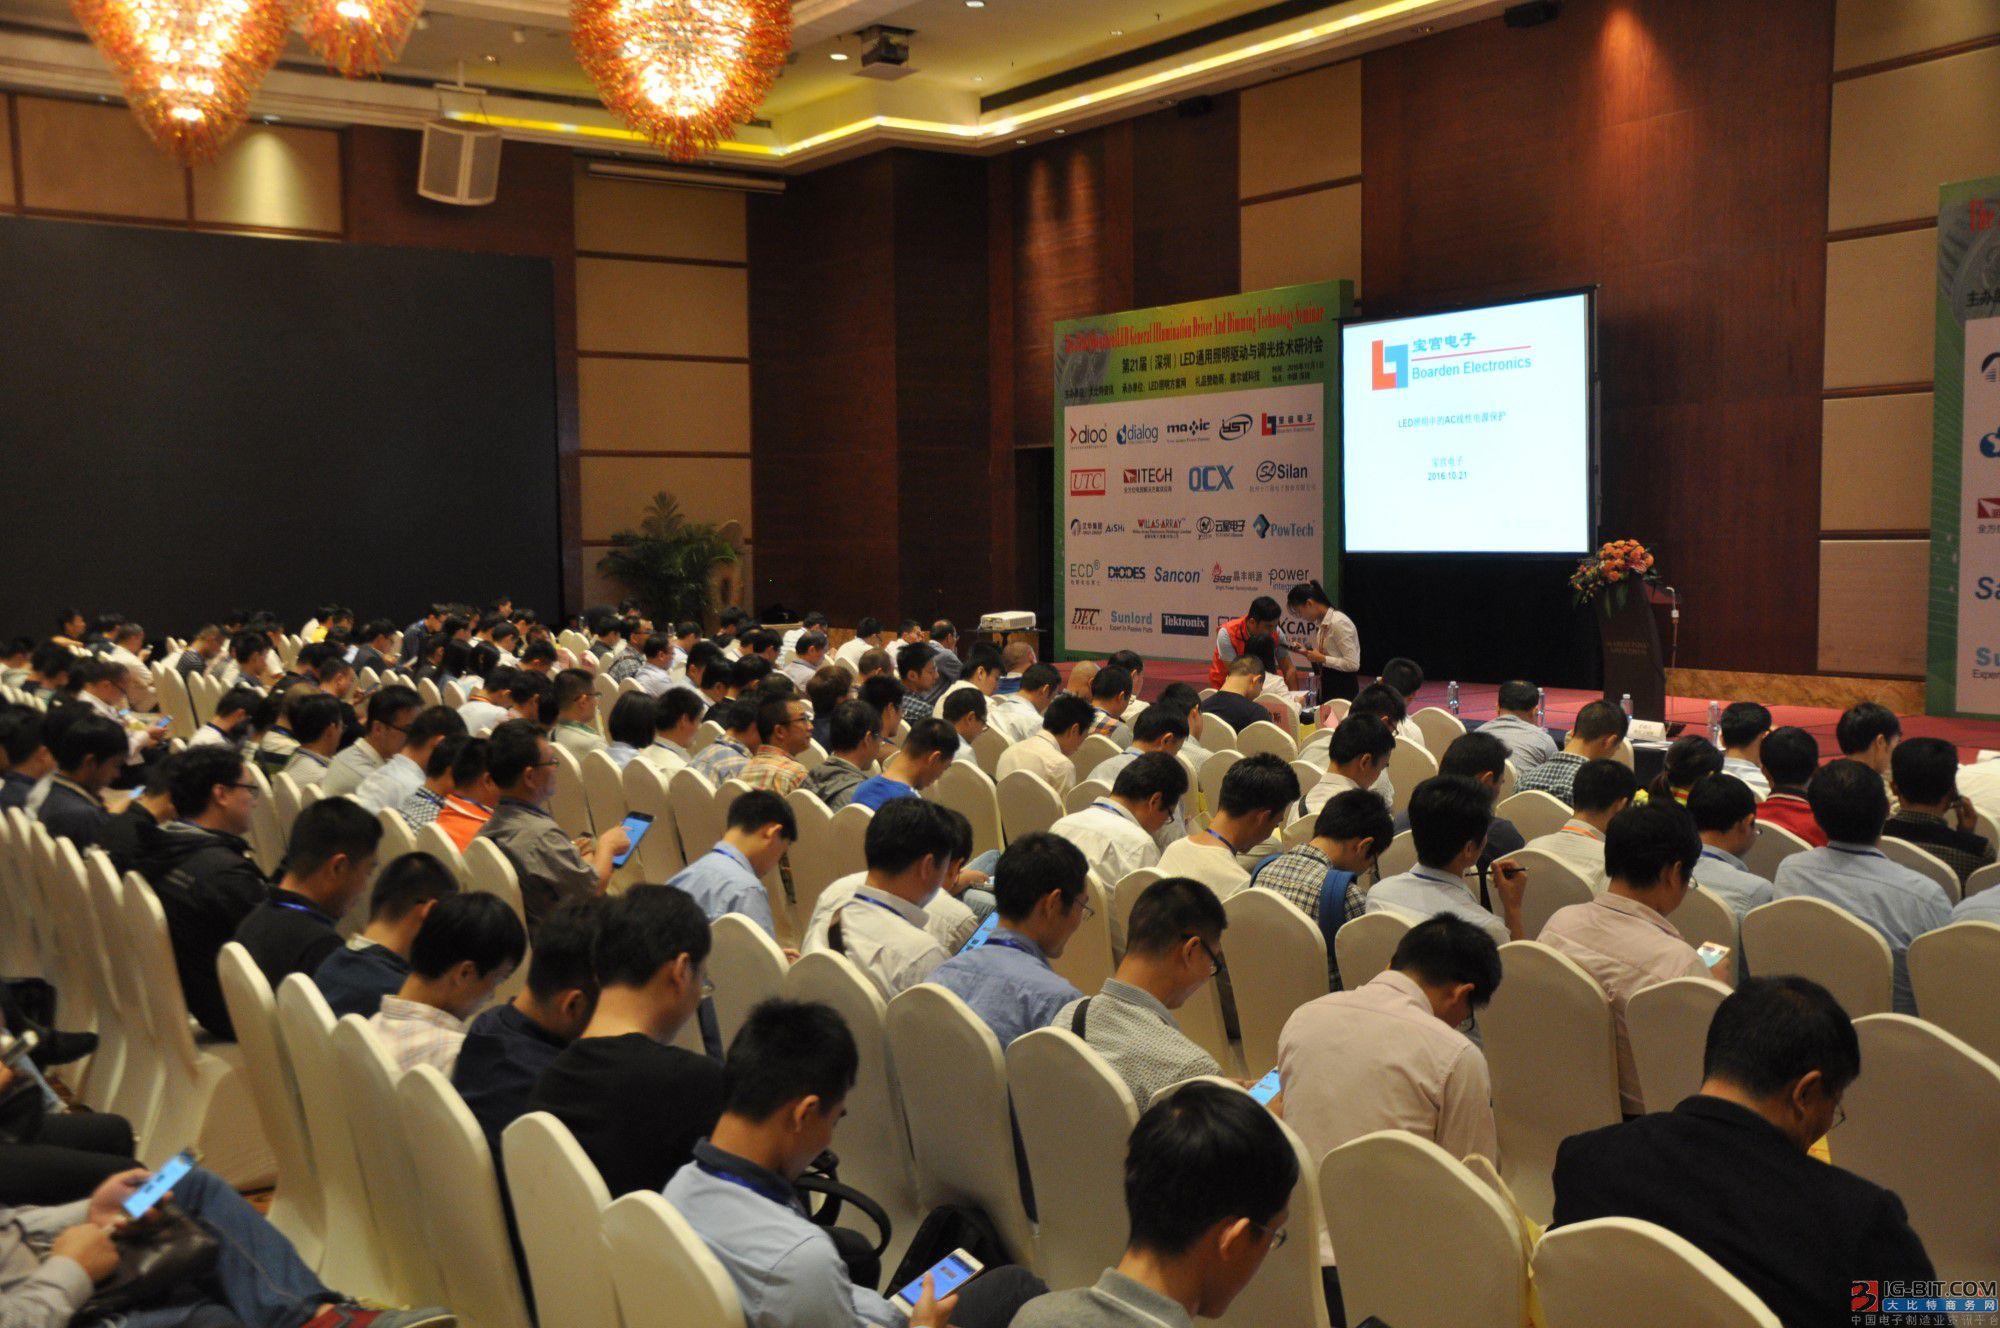 深圳LED照明驱动技术研讨会圆满落幕